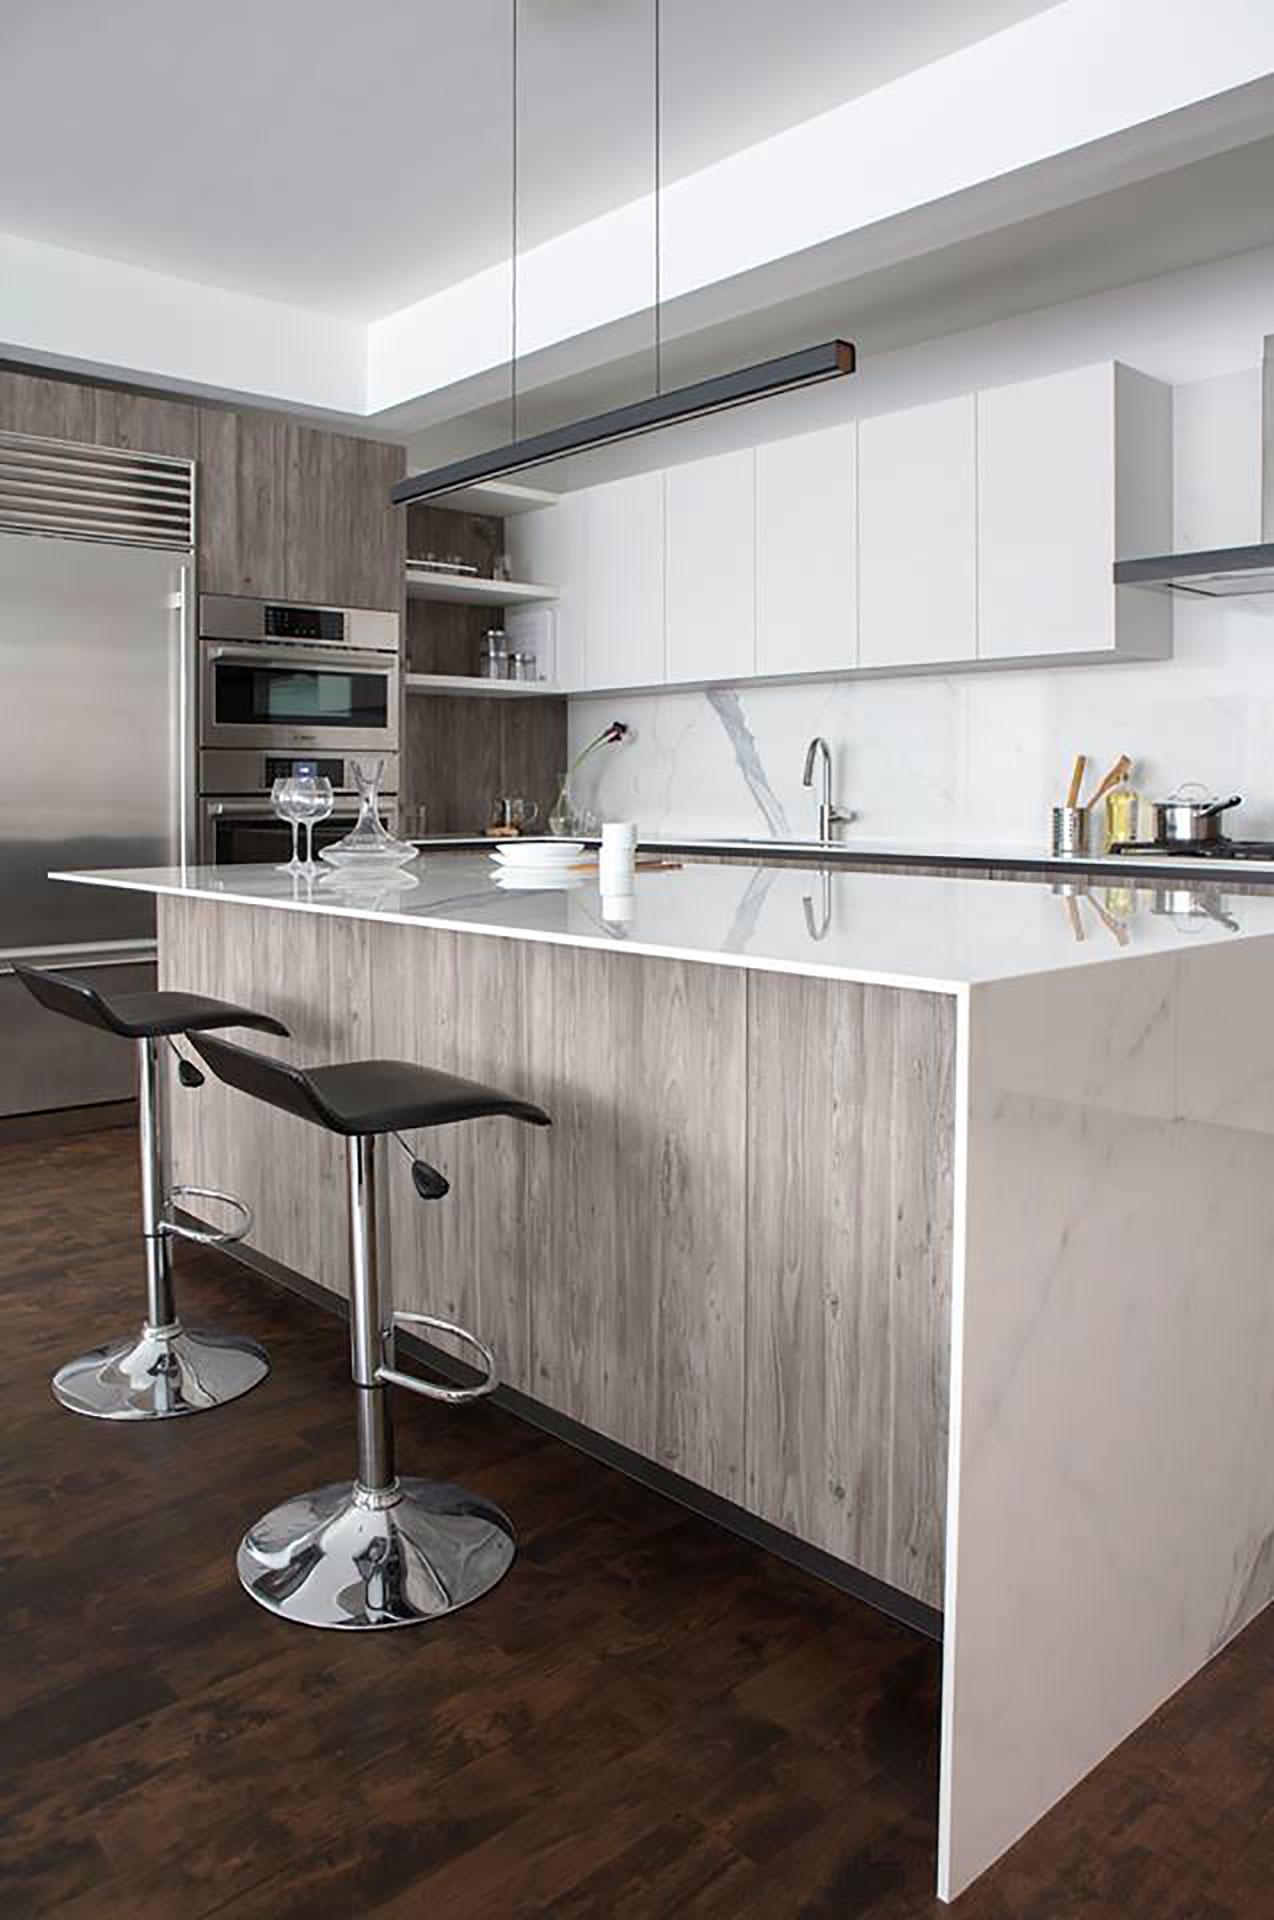 sapienstone die zukunft der zeitgenoessischen kueche floornature. Black Bedroom Furniture Sets. Home Design Ideas